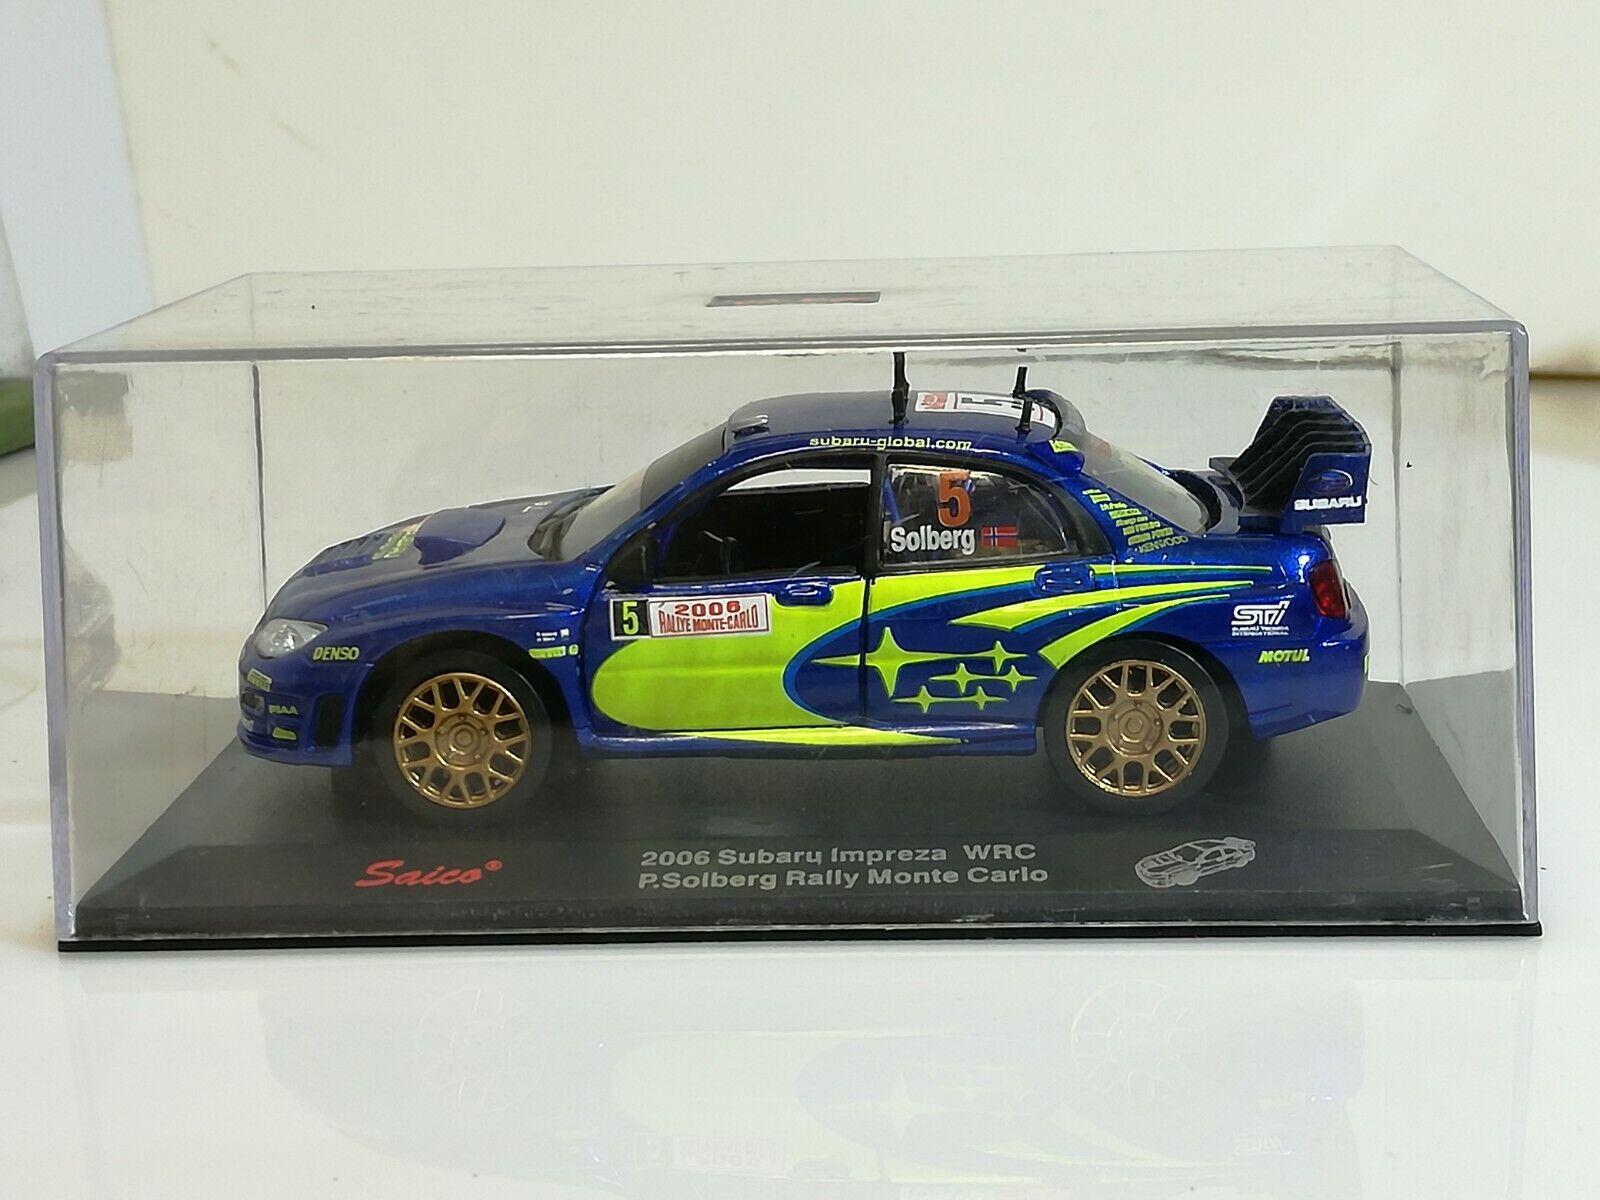 distribución global Saico 2002 Subaru Impreza WRC scala 1 32 - - - diecast modellismo  aquí tiene la última